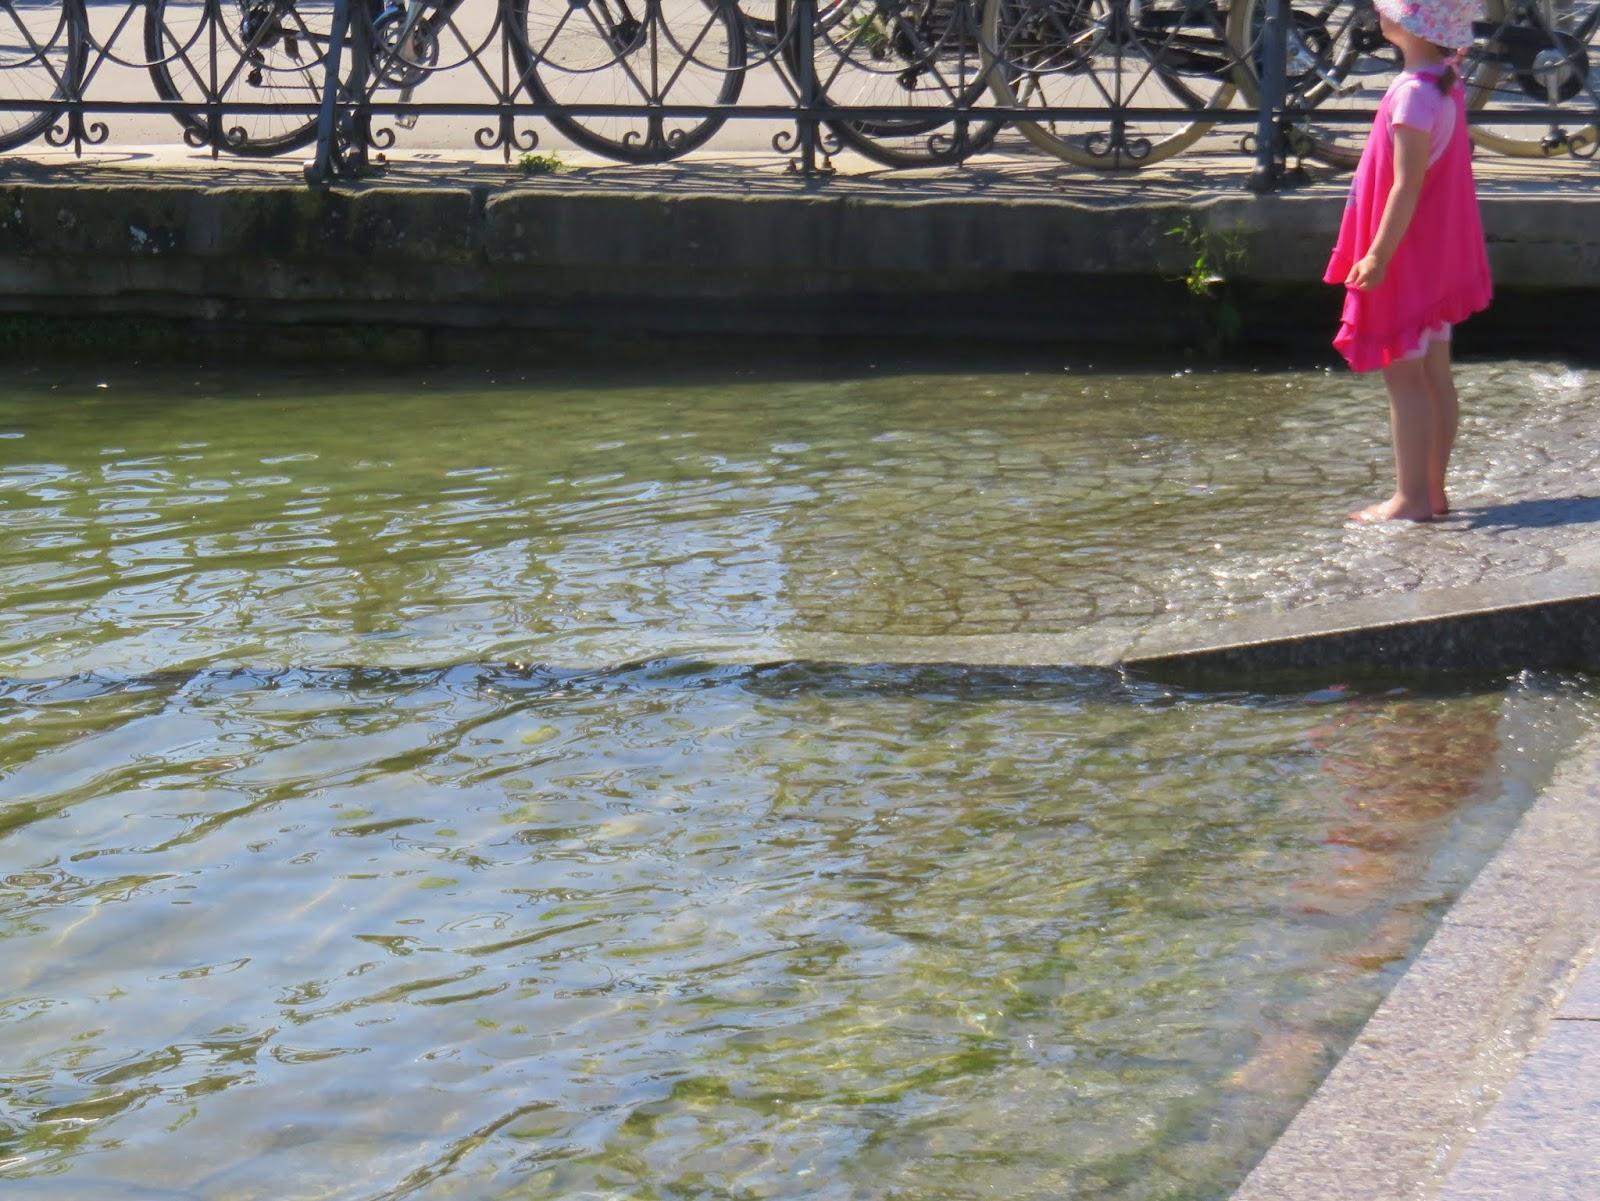 Bodenseewellen nasse f e for Boden nass aufnehmen